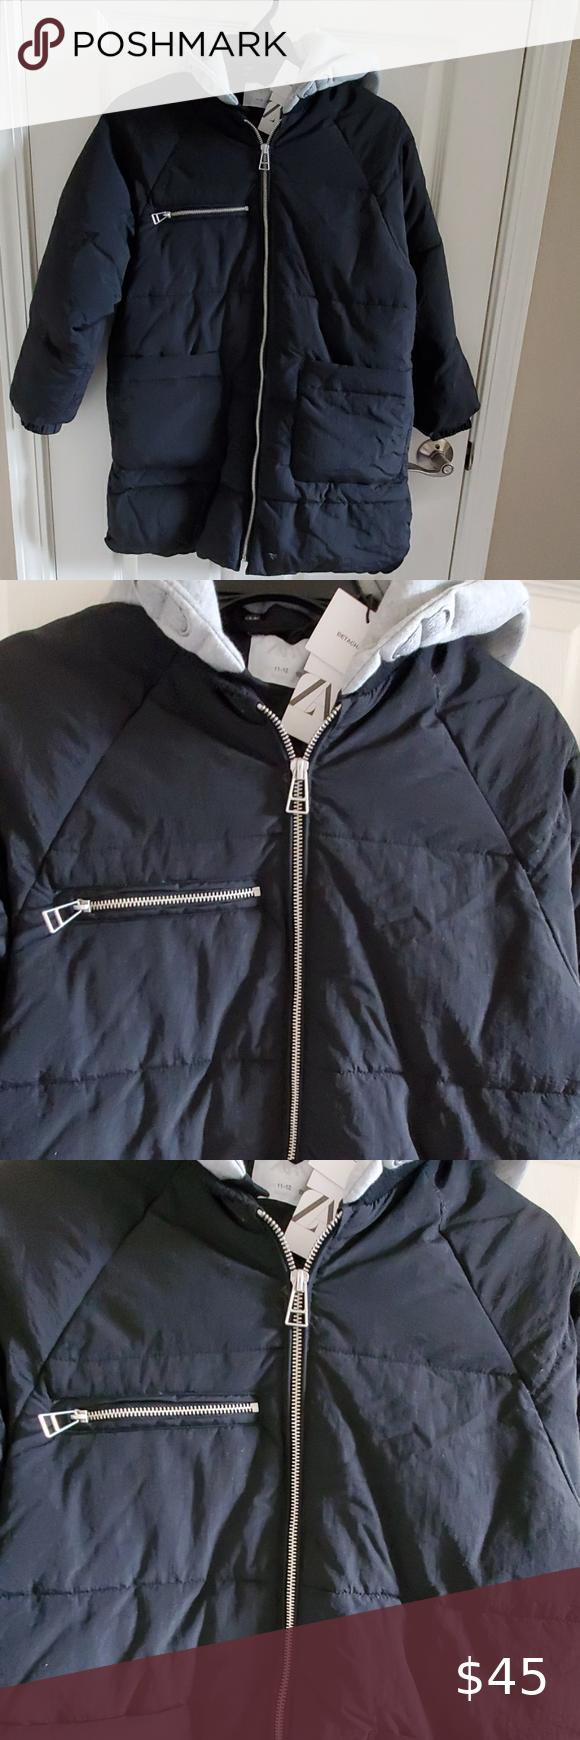 Zara Girls Long Puffer Jacket Long Puffer Jacket Black Puffer Jacket Zara Girl [ 1740 x 580 Pixel ]